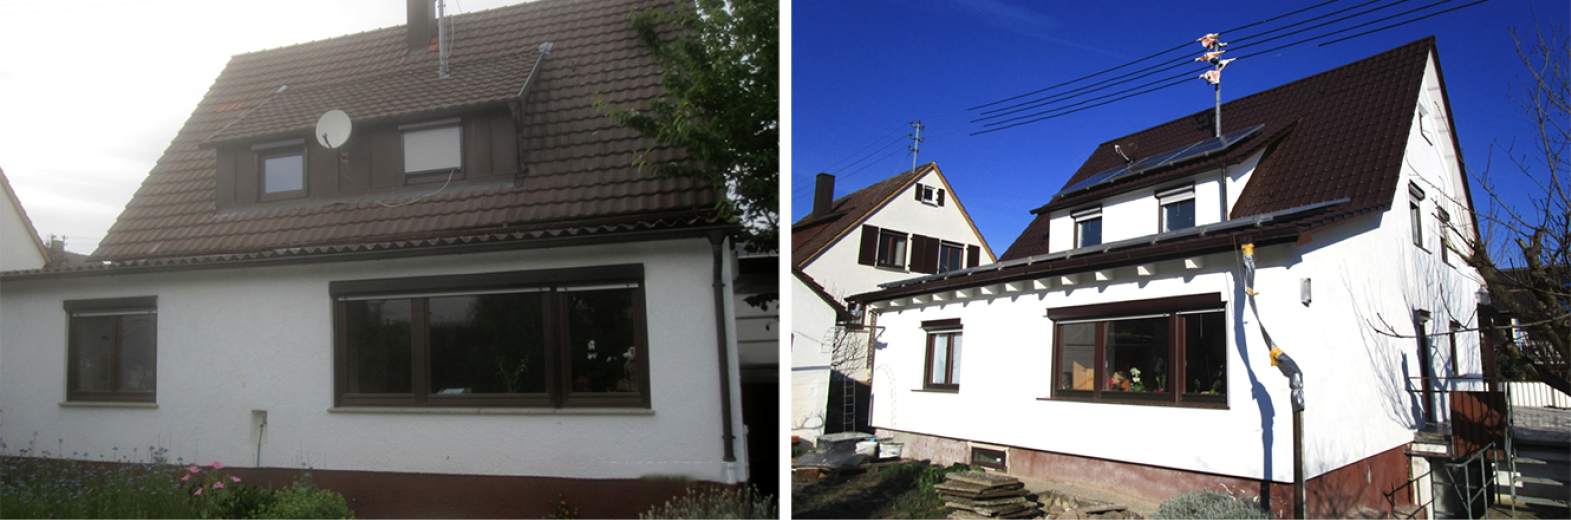 Dach- und Fassadensanierung nach individuellen Wünschen